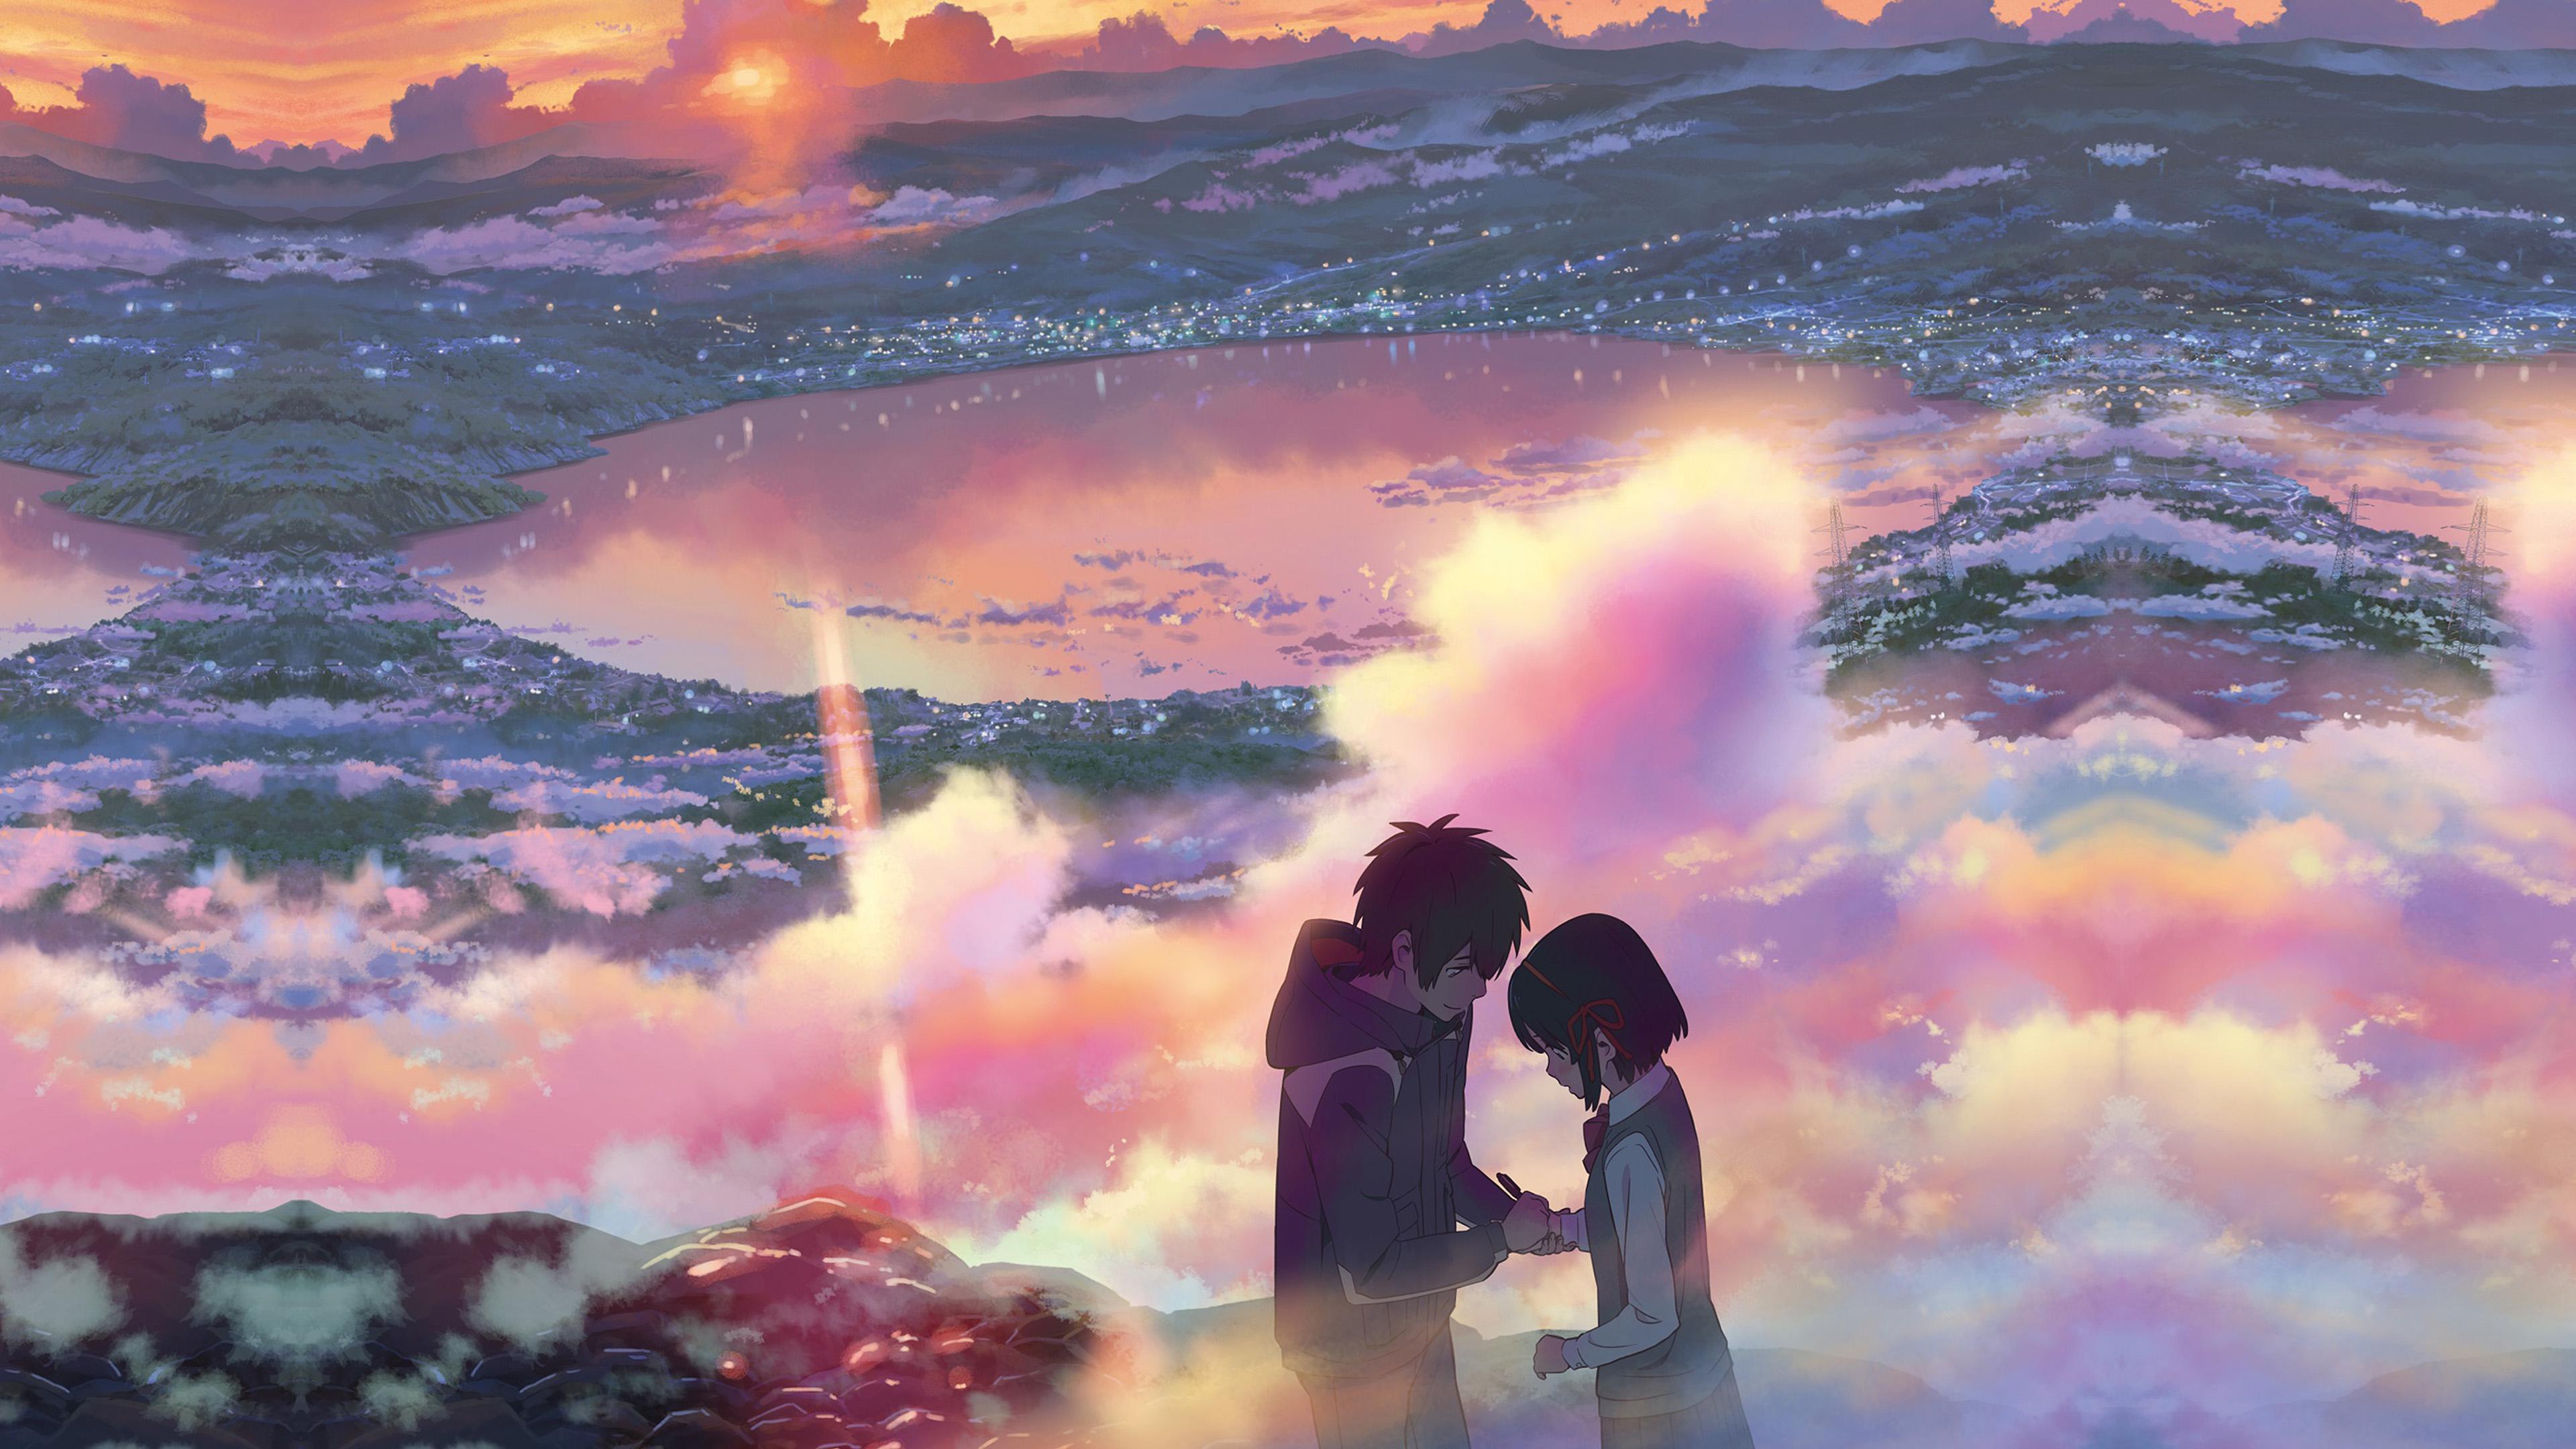 Aw26 Yourname Anime Filme Illustration Art Wallpaper